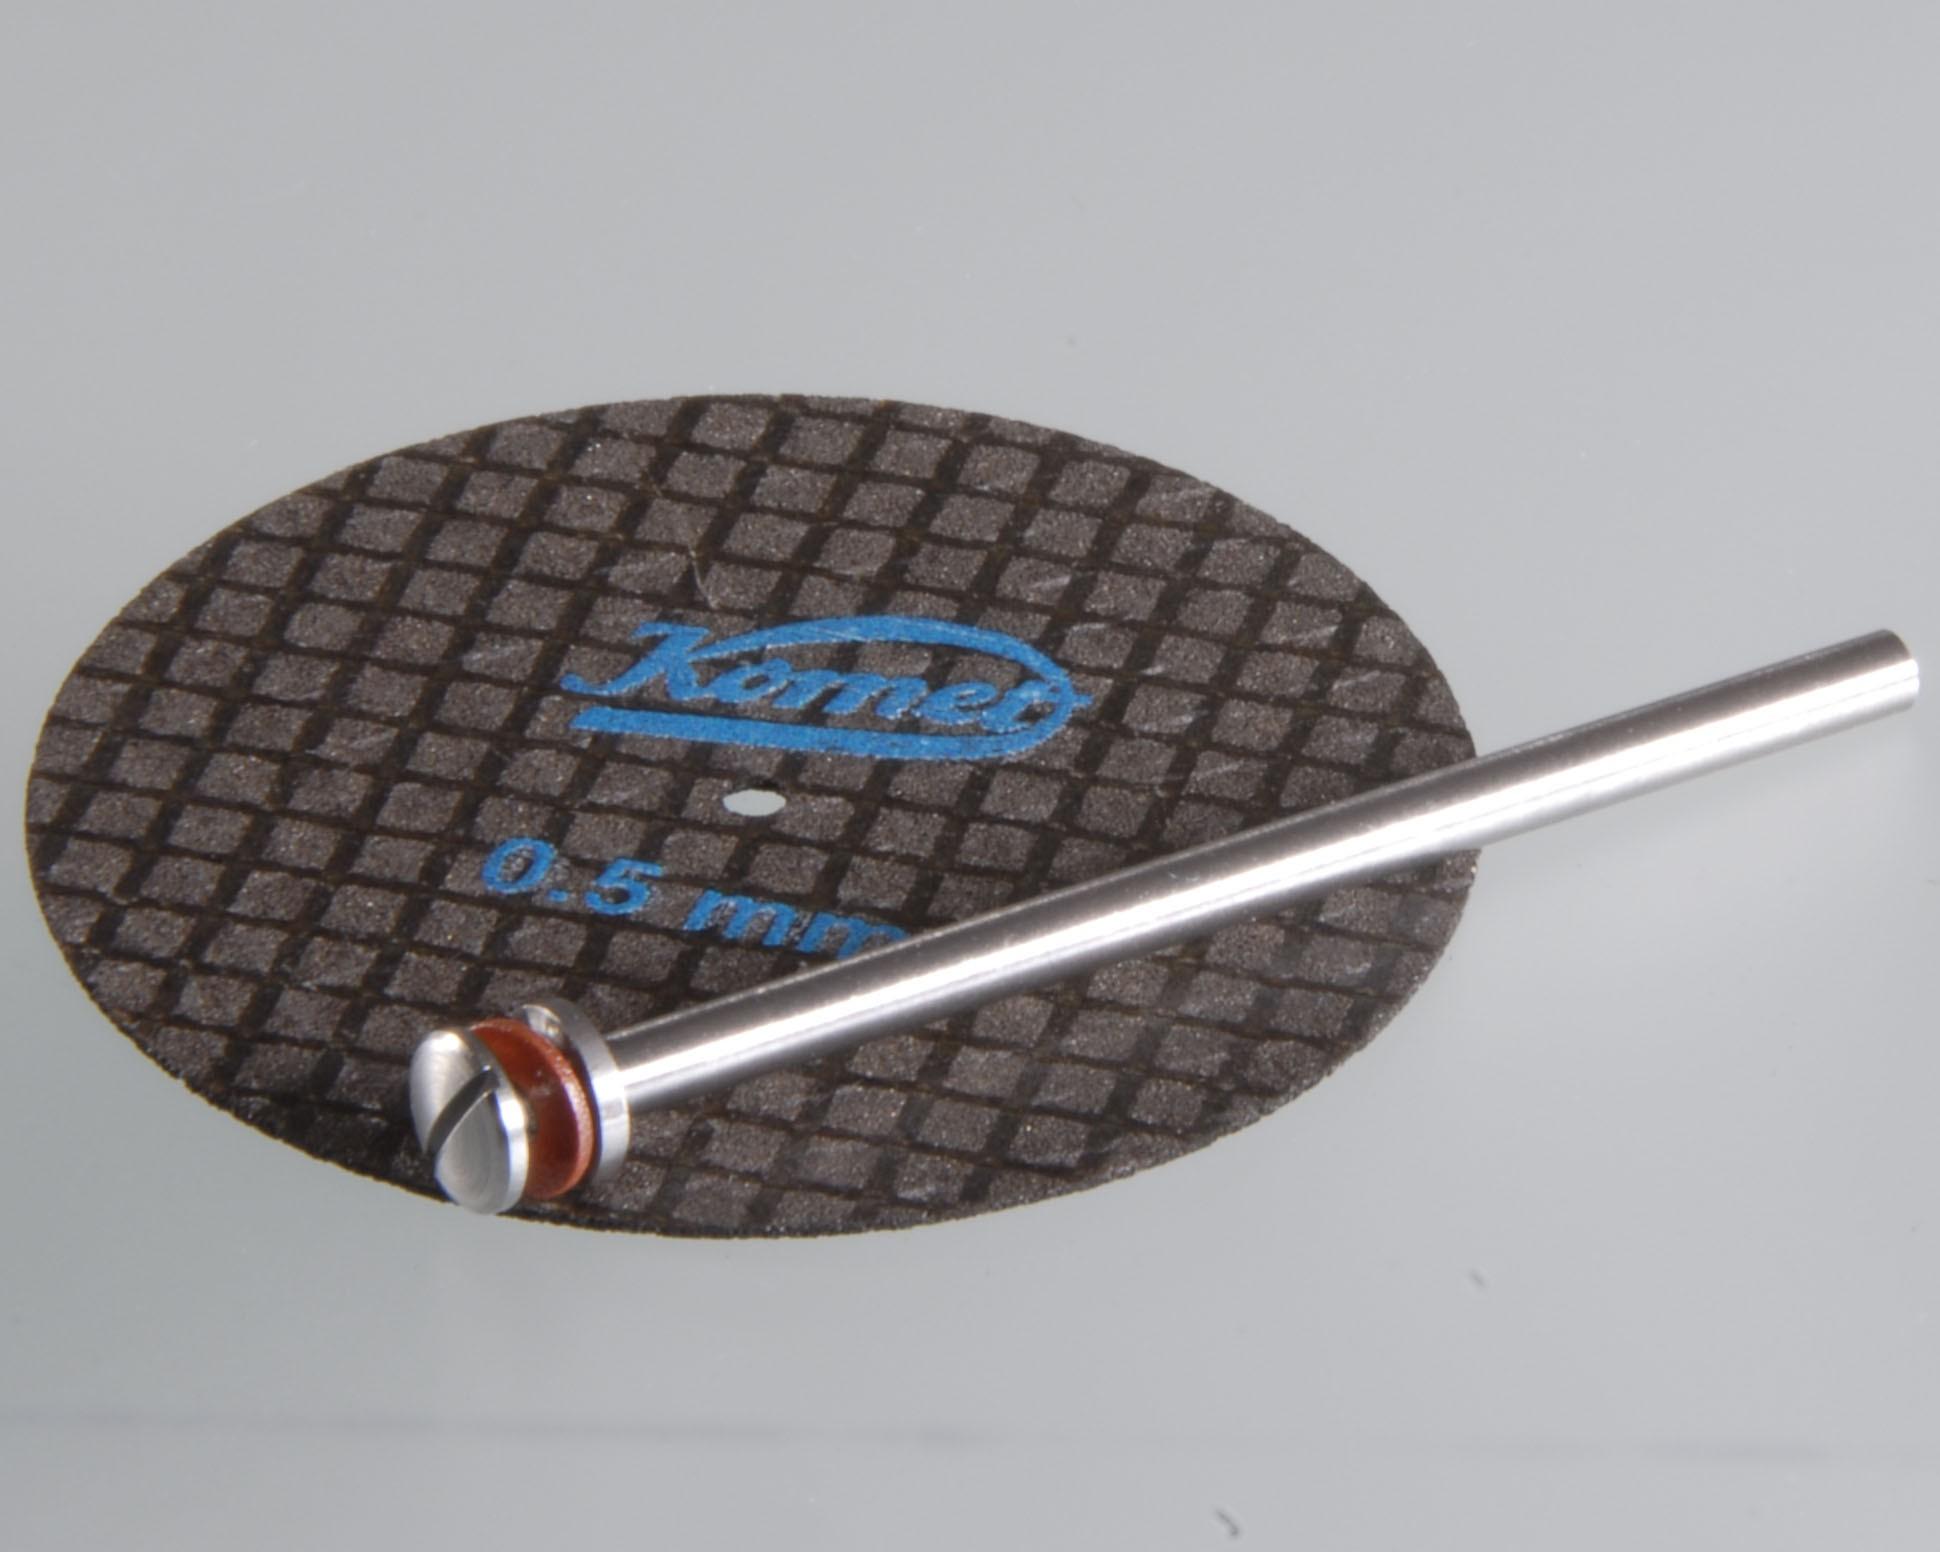 Trennscheiben 0,5 mm, Ø 40 mm, gewebeverstärkt (VE 1 Stk. u. Aufspanndorn)